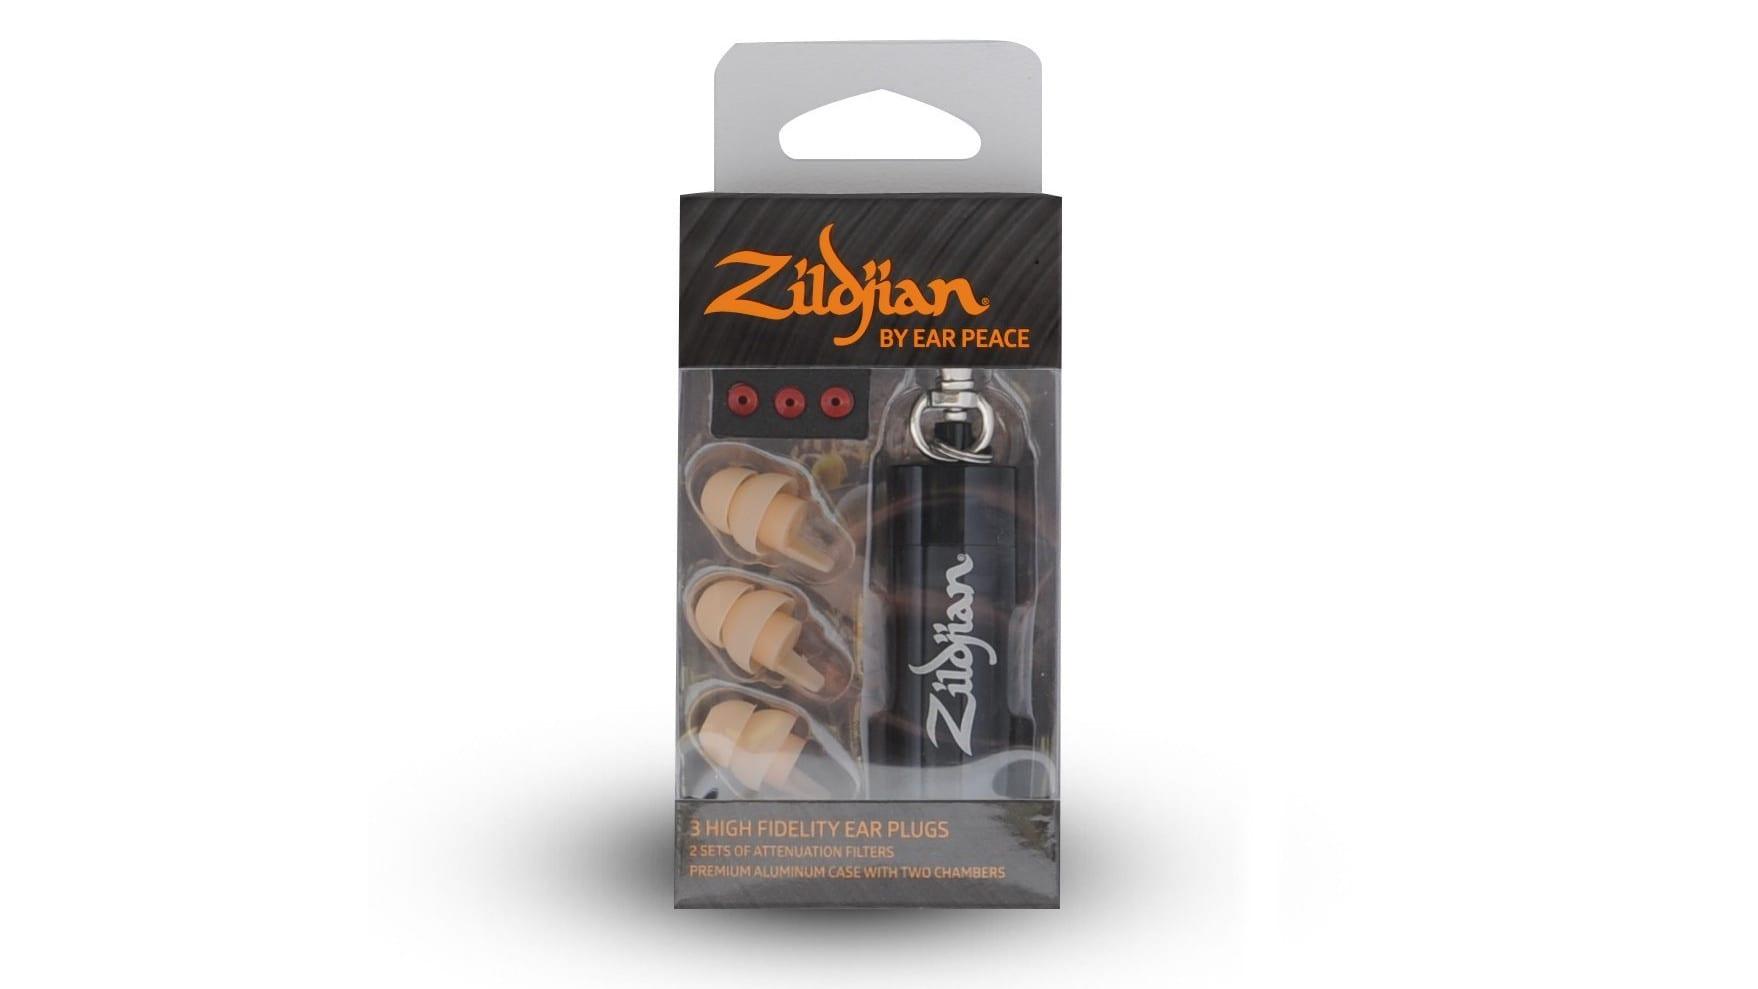 zildjain-hd-ear-plugs